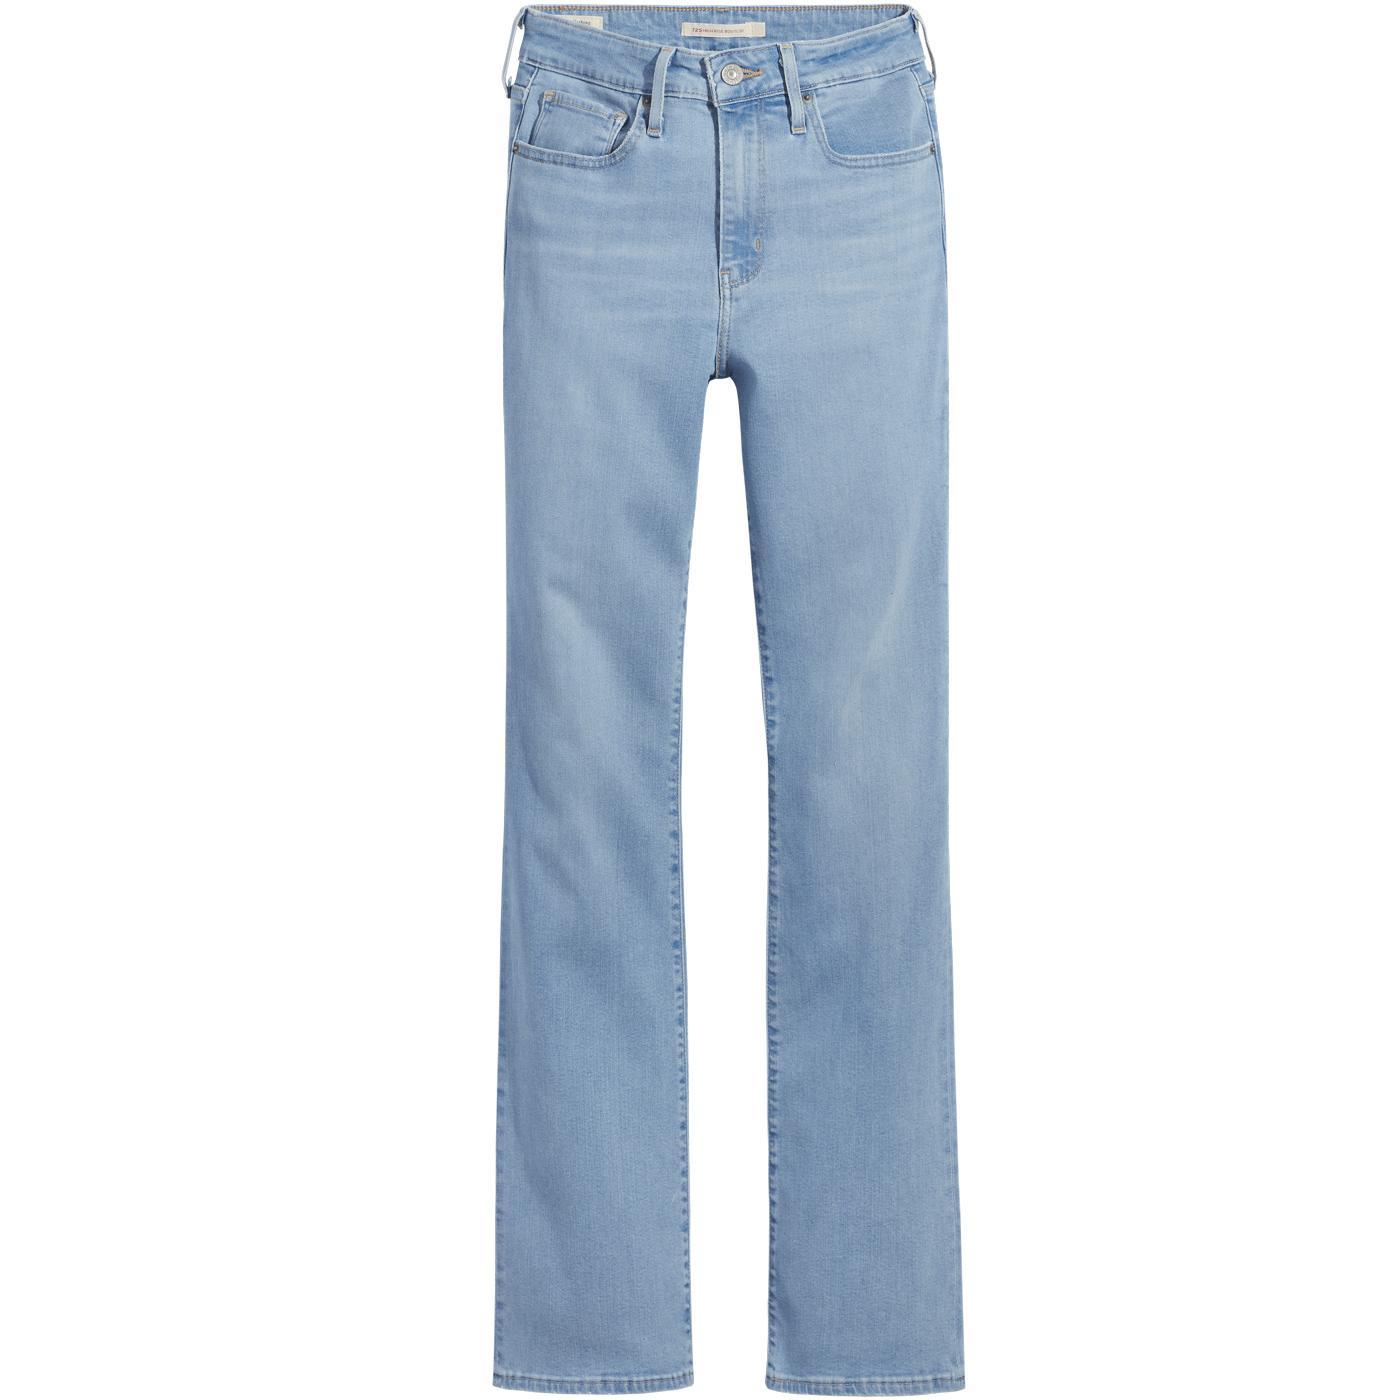 LEVI'S 725 High Waist Bootcut Jeans (Rio Fate)